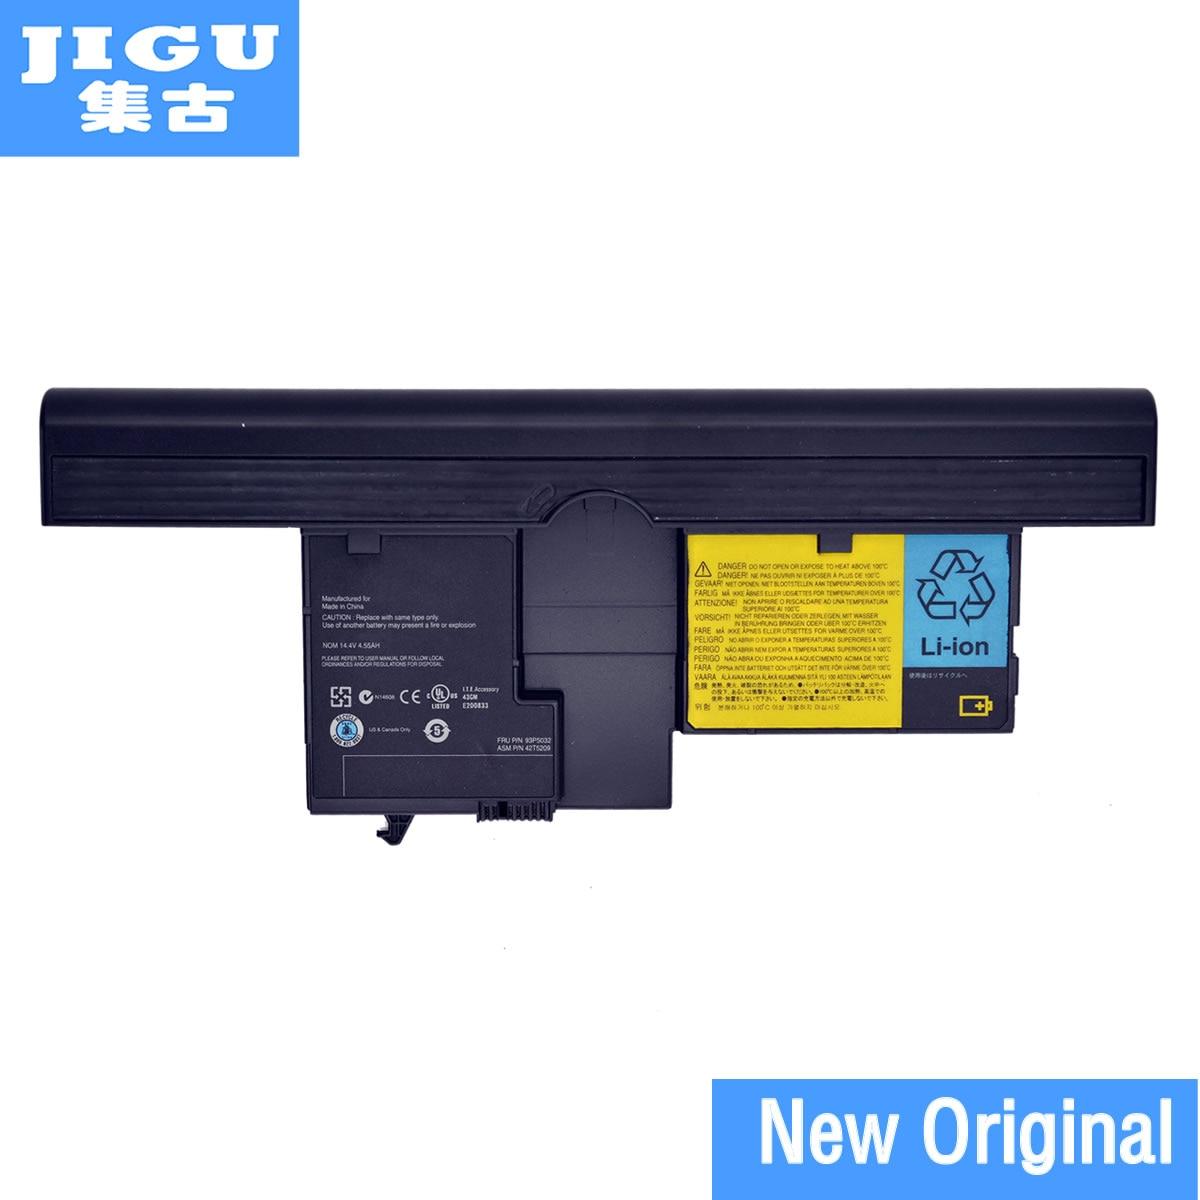 Jigu 40Y8314 40Y8318 42T5209 42T5204 42T5206 42T5208 оригинальный ноутбук Батарея для <font><b>Lenovo</b></font> для ThinkPad X60T X61T X60 <font><b>X61</b></font> Планшеты PC